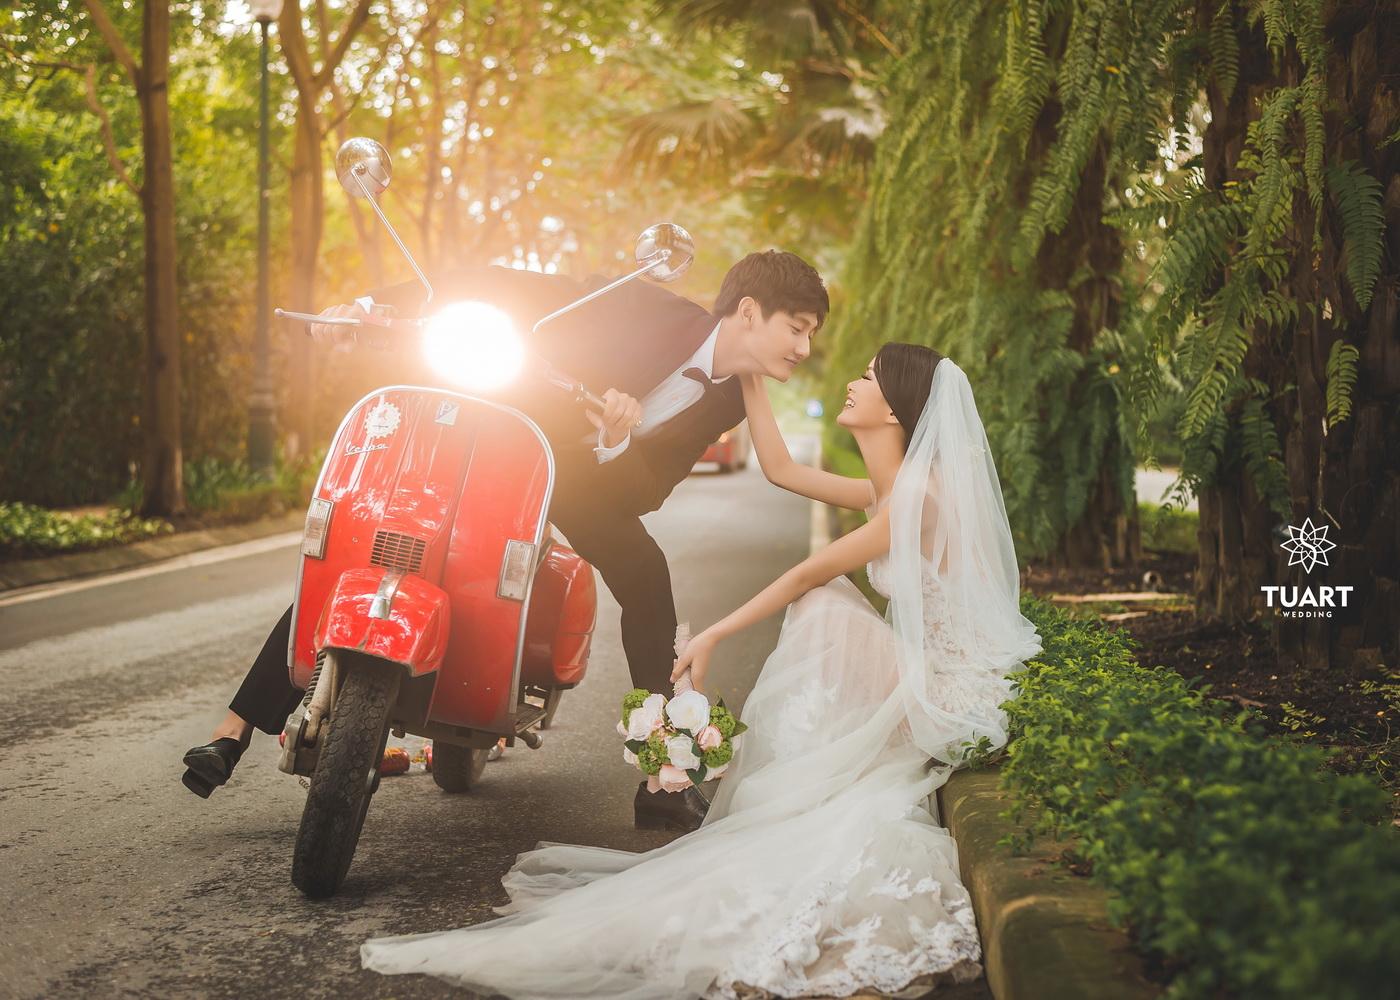 Album chụp ảnh cưới đẹp thành phố xanh Ecopark 17